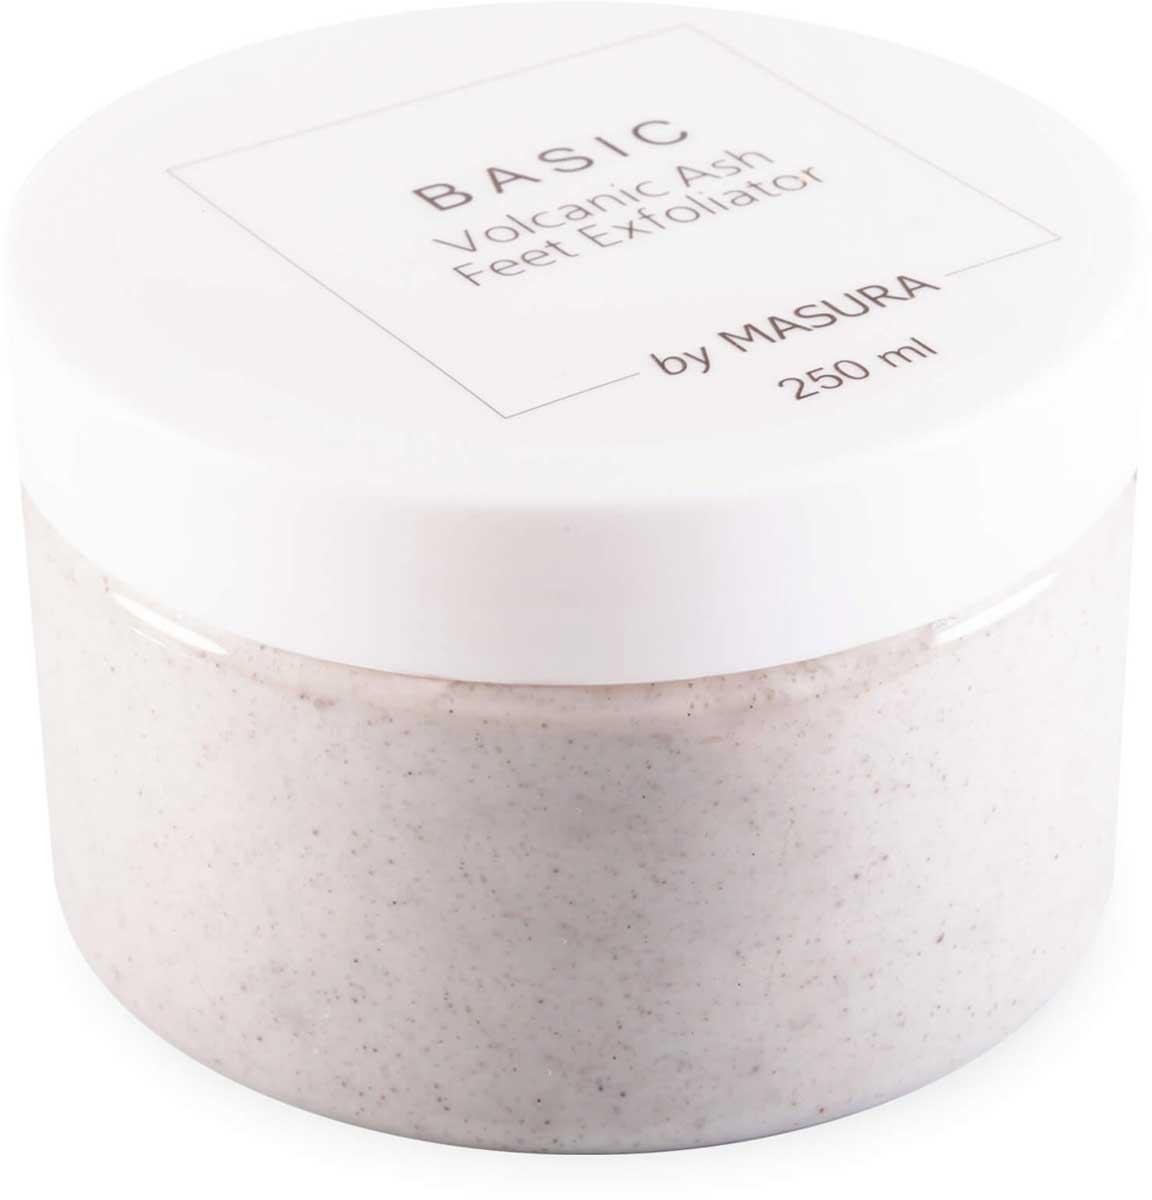 Masura, Освежающий скраб для ног с вулканической пудрой и эвкалиптом, 250 мл8025Освежающий скраб для ног с вулканической пудрой и эвкалиптом. Снимает ороговевший слой кожи со стопы, бережно ухаживает за кожей ног. Используйте 2-3 раза в неделю вместе с кремом для ног BASIC Natural Herbs. Средство подходит для очень сухой и чрезмерно ороговевшей кожи стоп. Эффективно удаляет ороговевший эпидермис и разглаживает кожу. Стимулирует кровообращение.